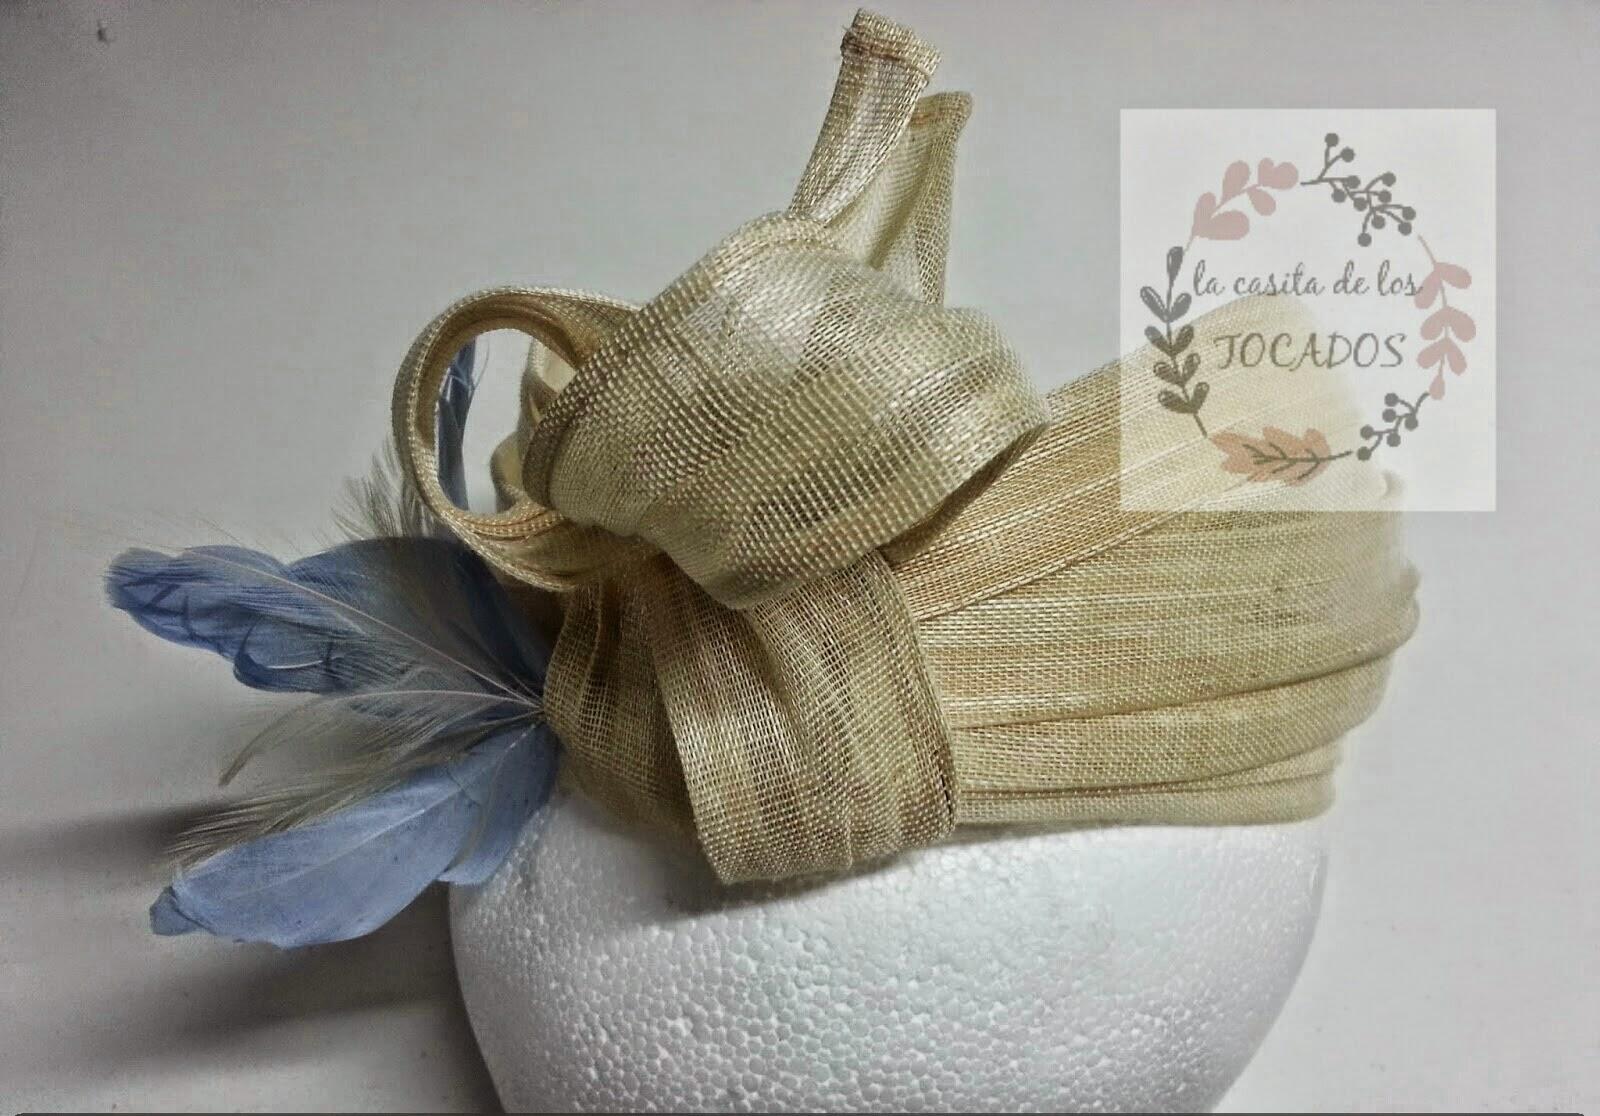 turbante artesanal para boda en color beige